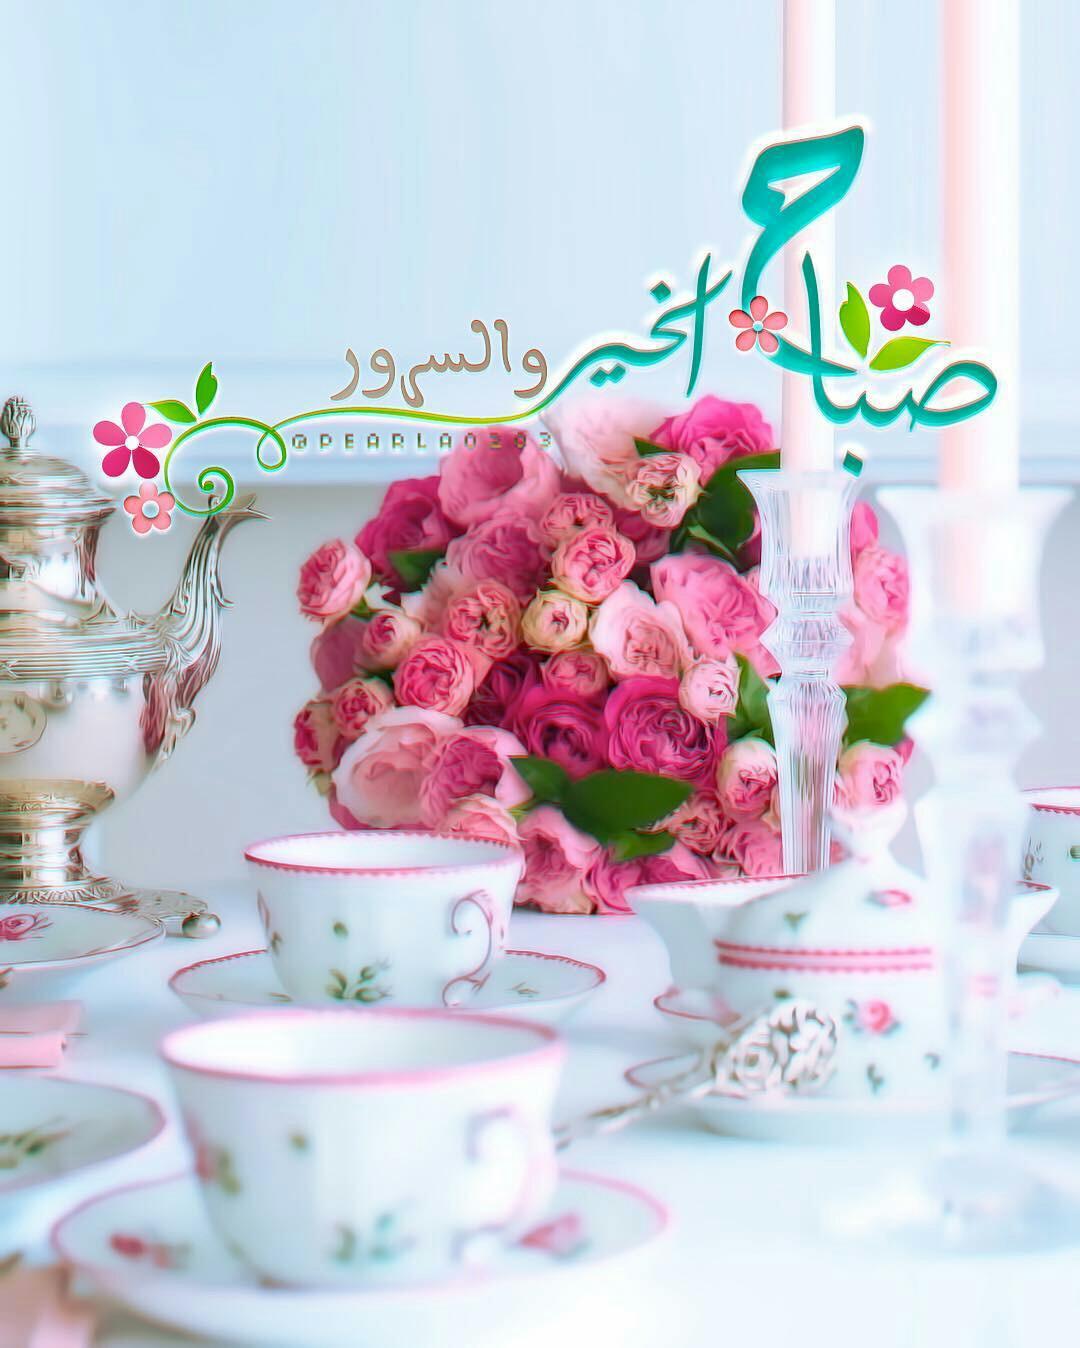 بالصور صباح الورد والفل , الصباح وكل ما هو جميل من الورد والفل 5731 6